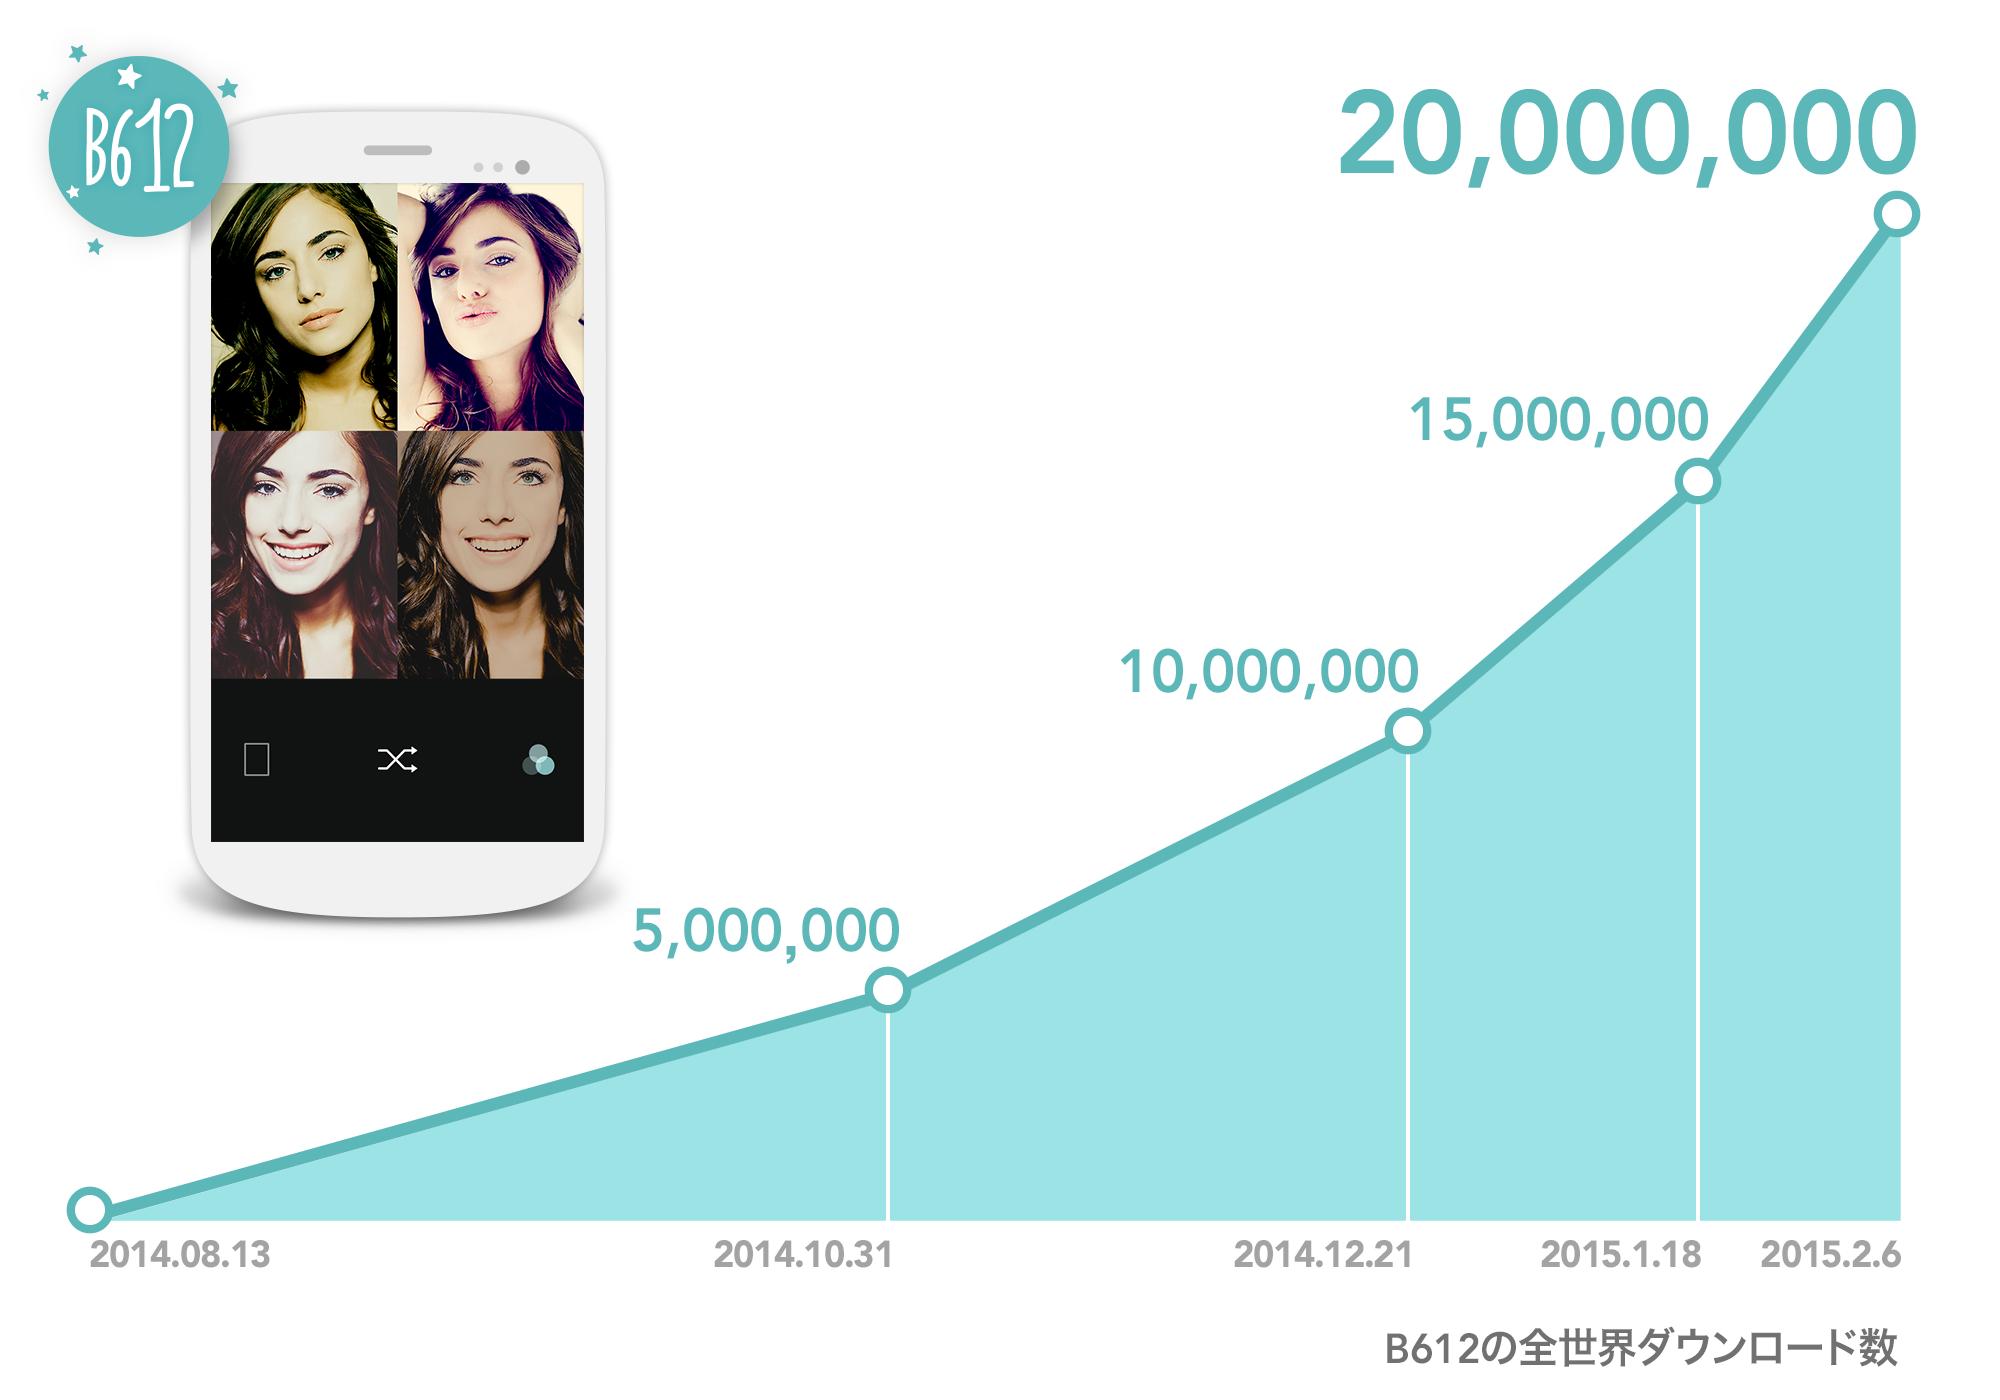 """""""自撮り""""専用カメラアプリ「B612」、世界累計2000万ダウンロードを突破"""